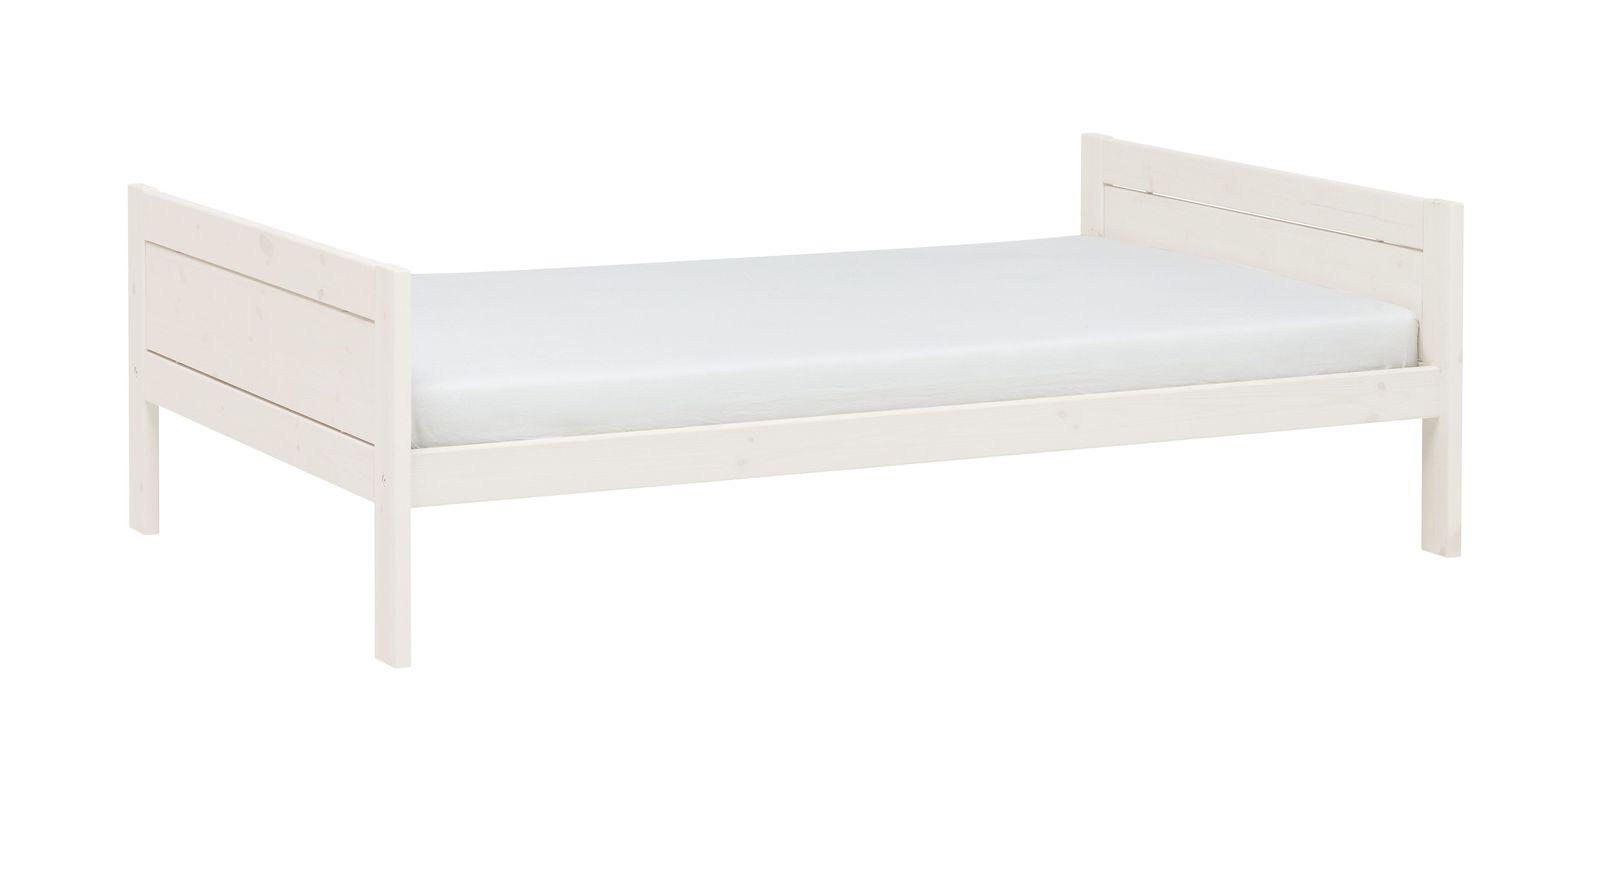 Jugendbett Original von LIFETIME aus weiß lasiertem Kiefernholz